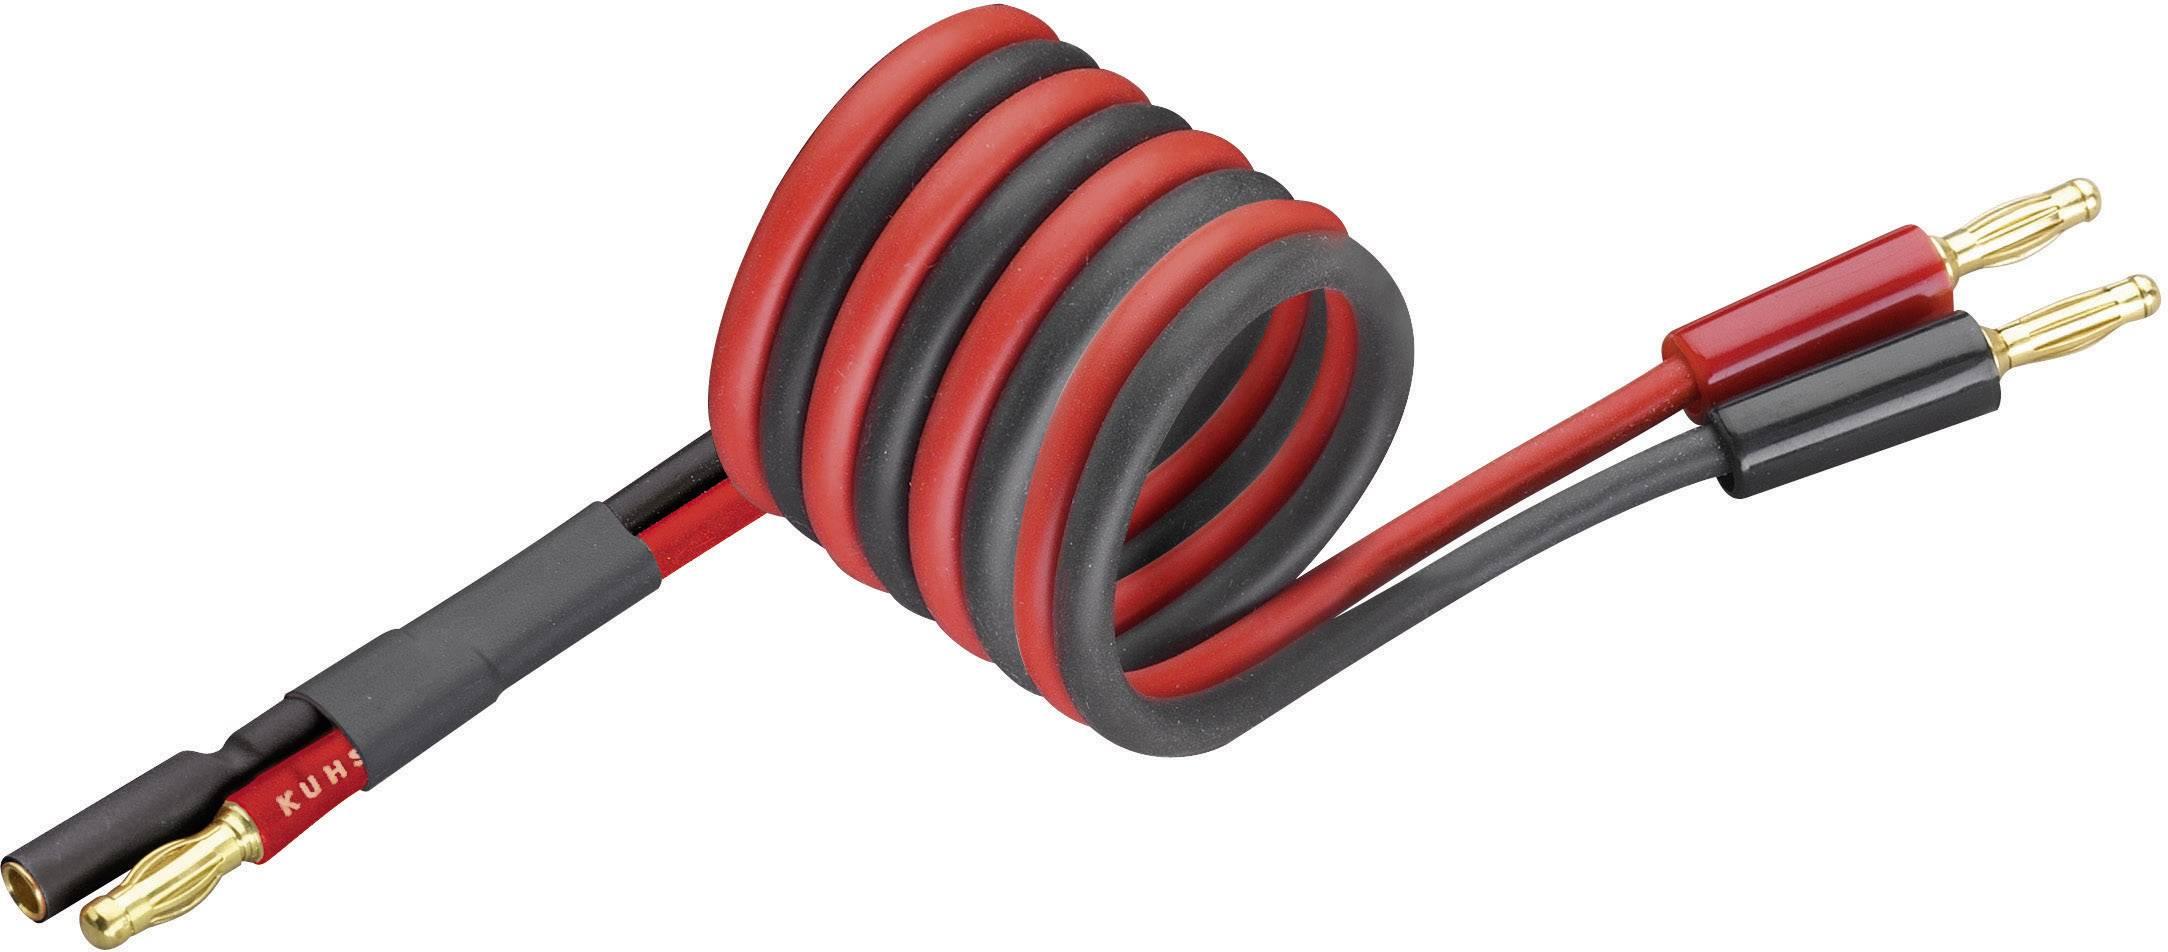 Nabíjací kábel Modelcraft 208365, 250 mm, 2.5 mm²